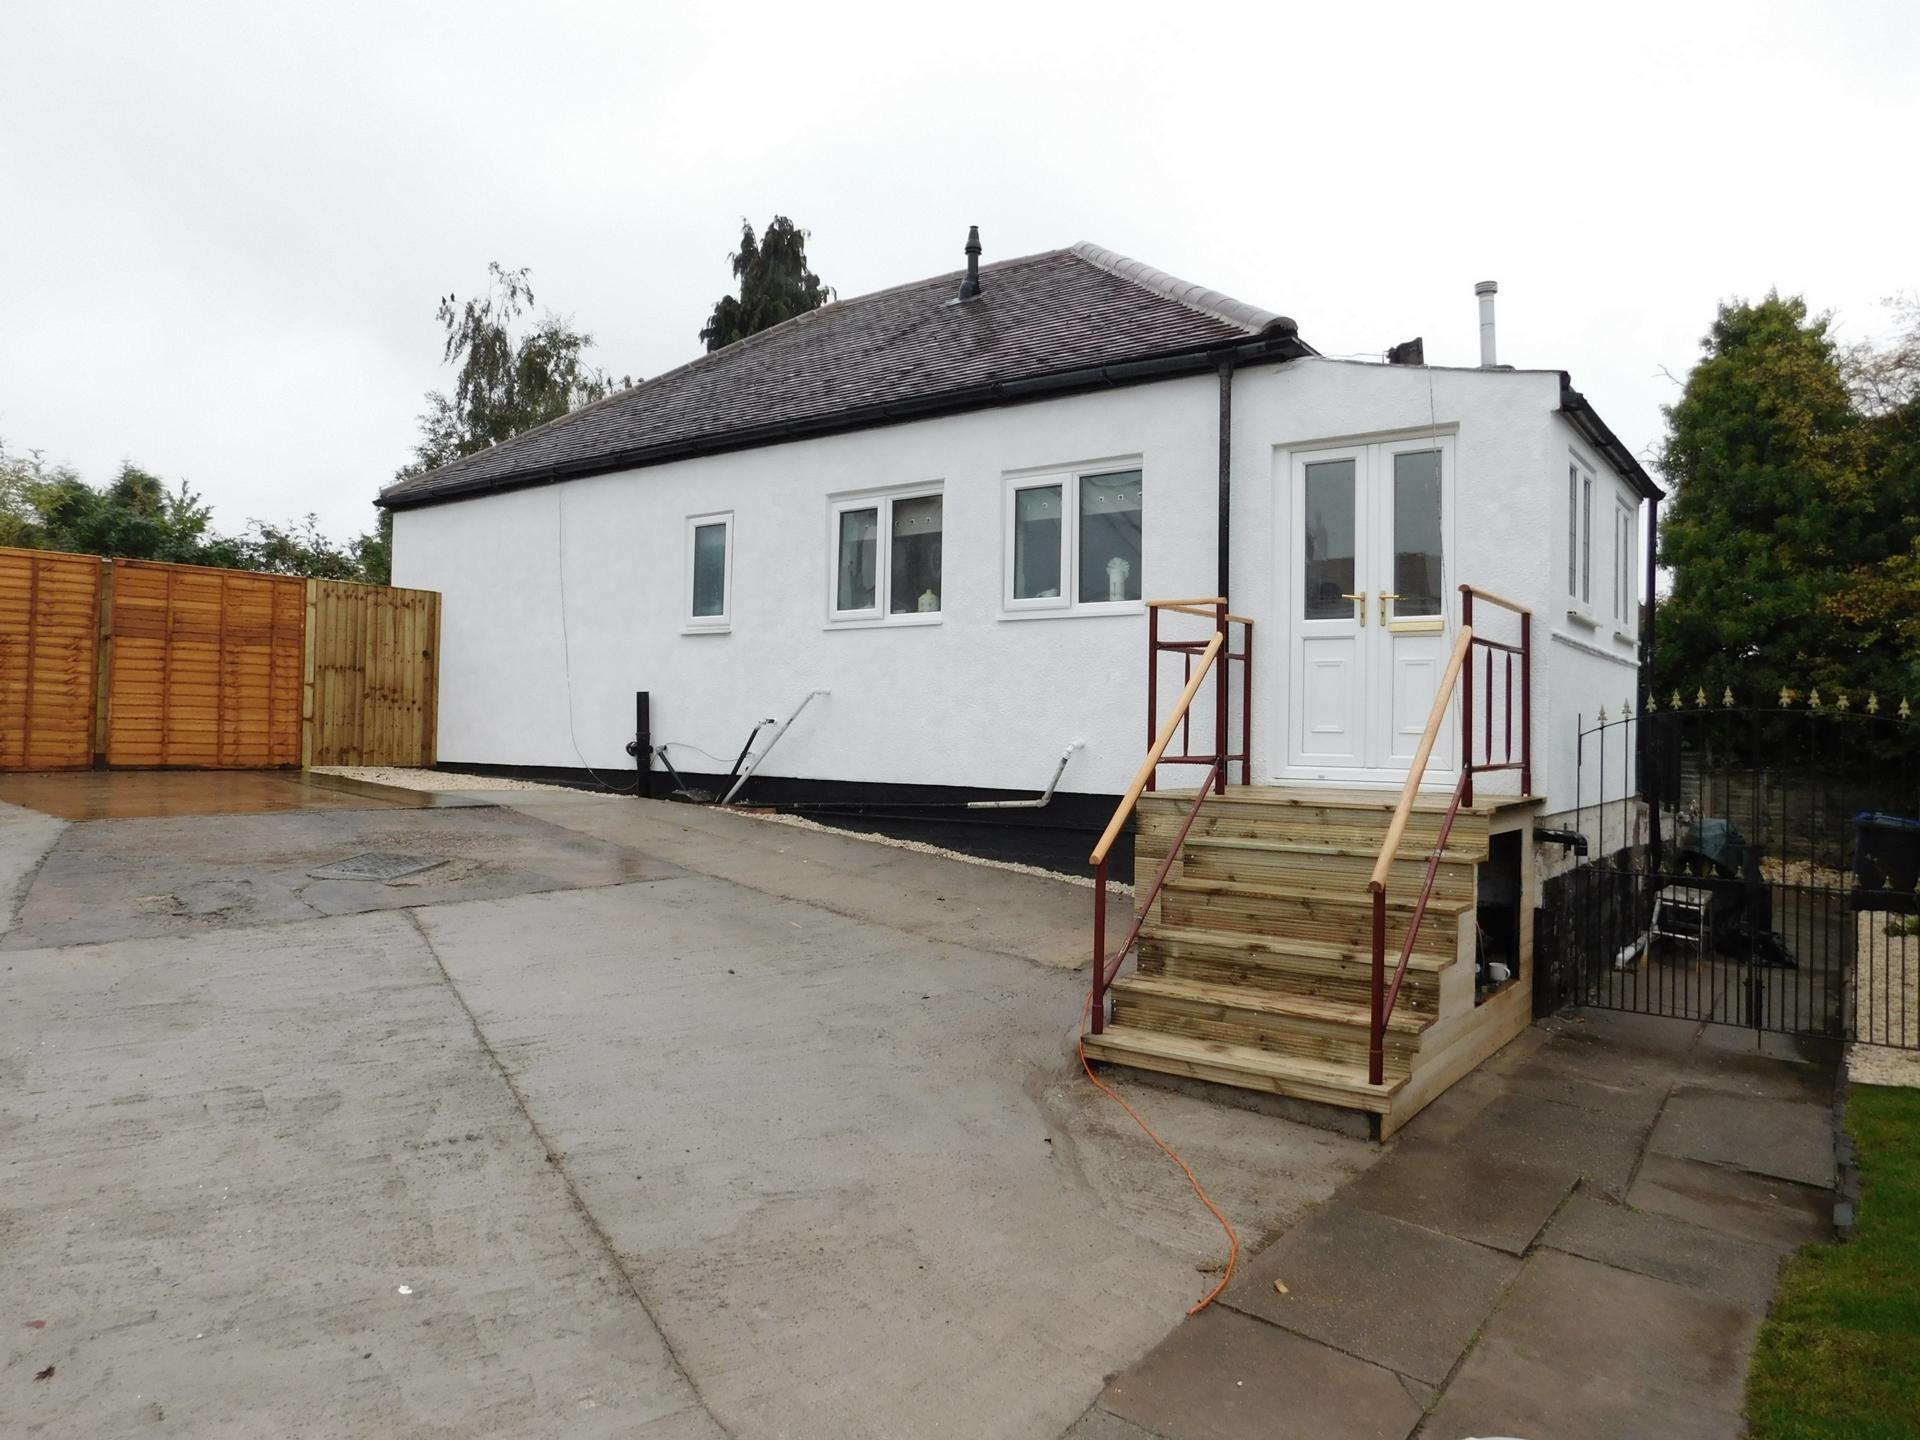 Ferry Street  Stapenhill  DE15